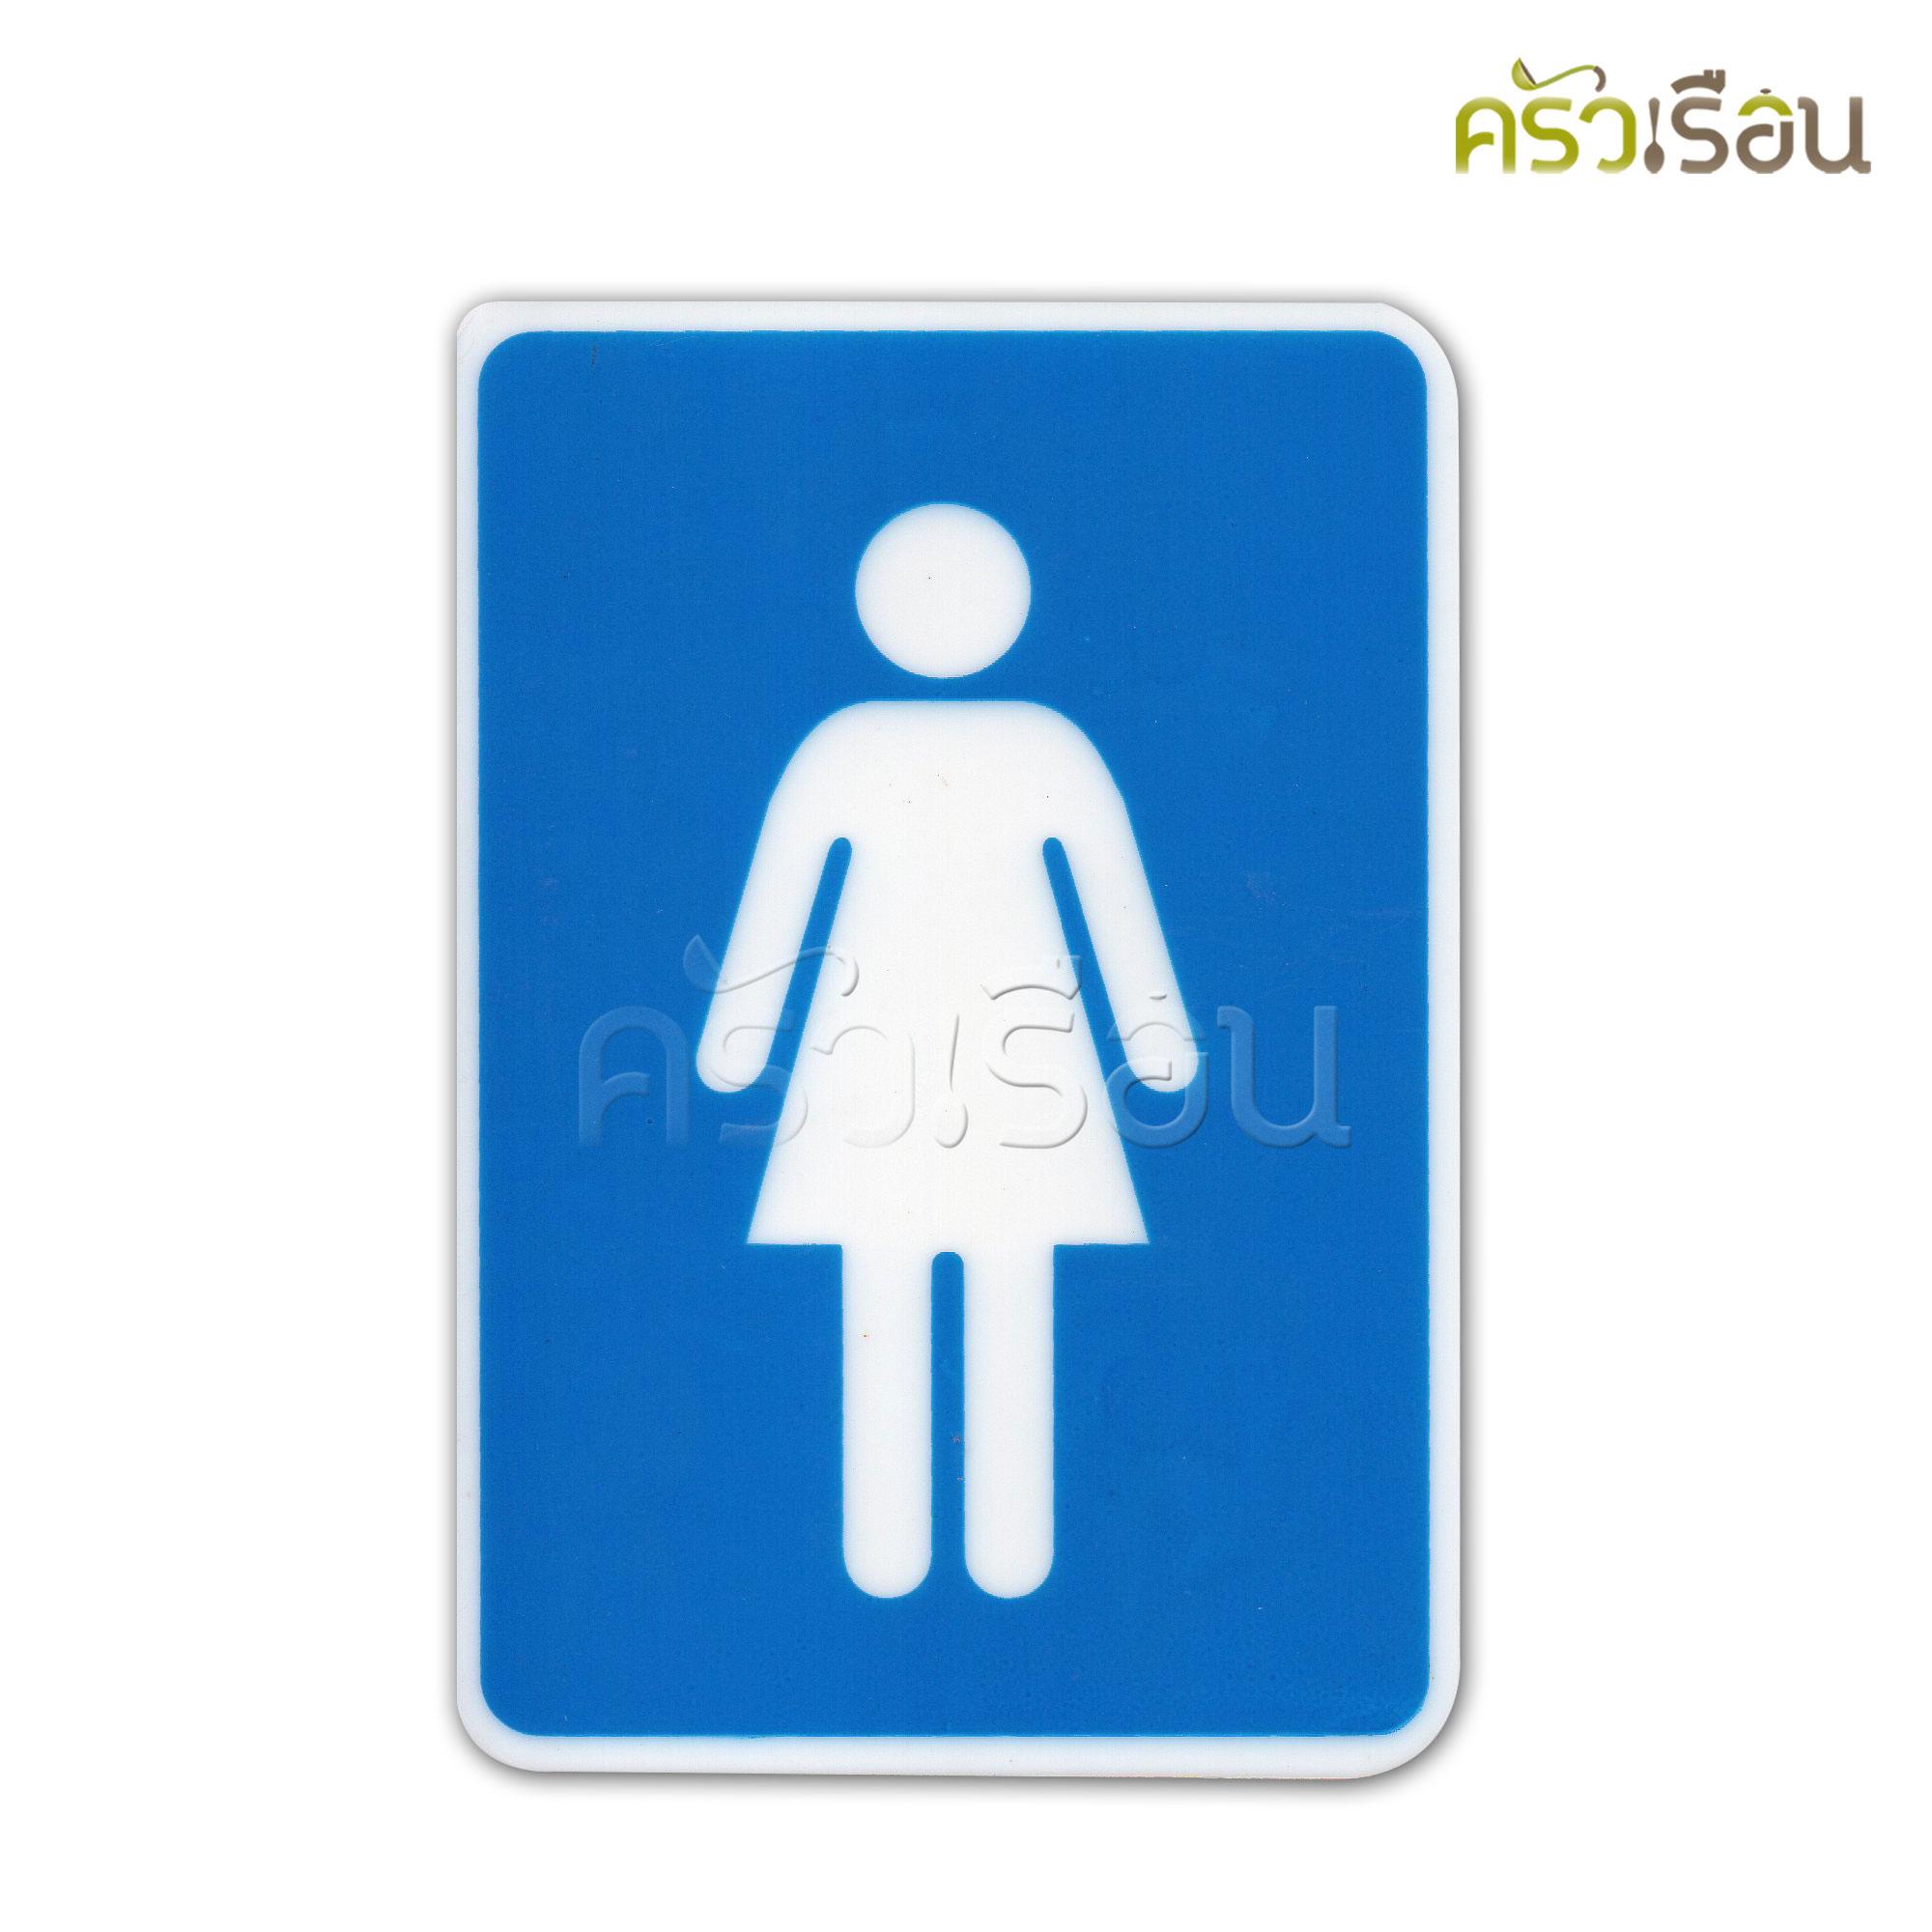 ป้าย - สัญลักษณ์ห้องน้ำหญิง